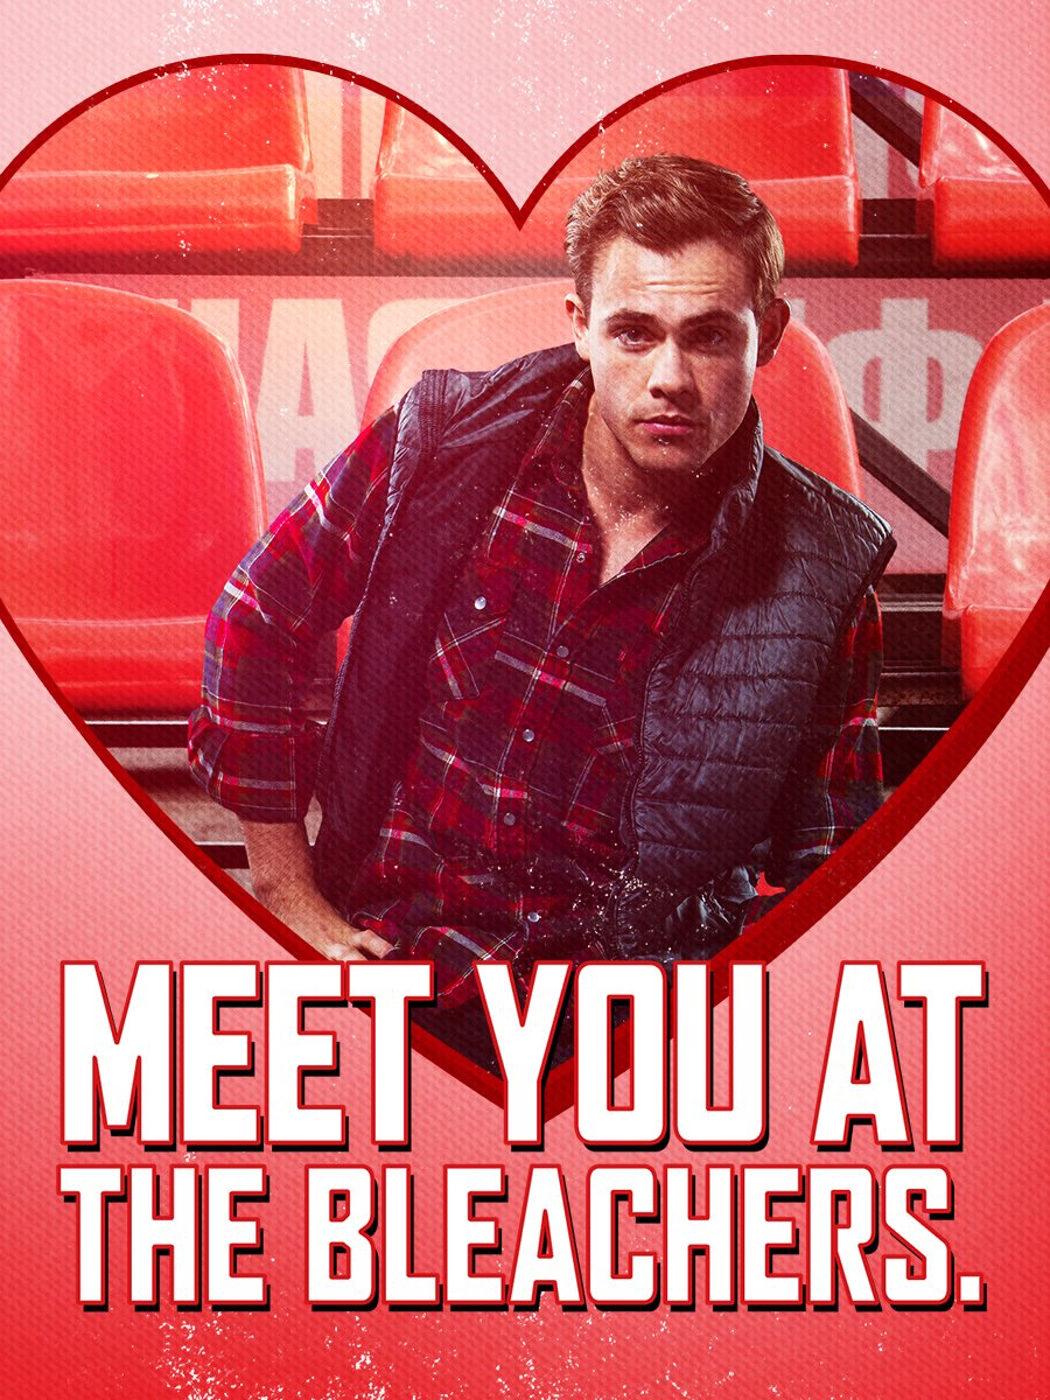 Ranger rojo quiere conocerte